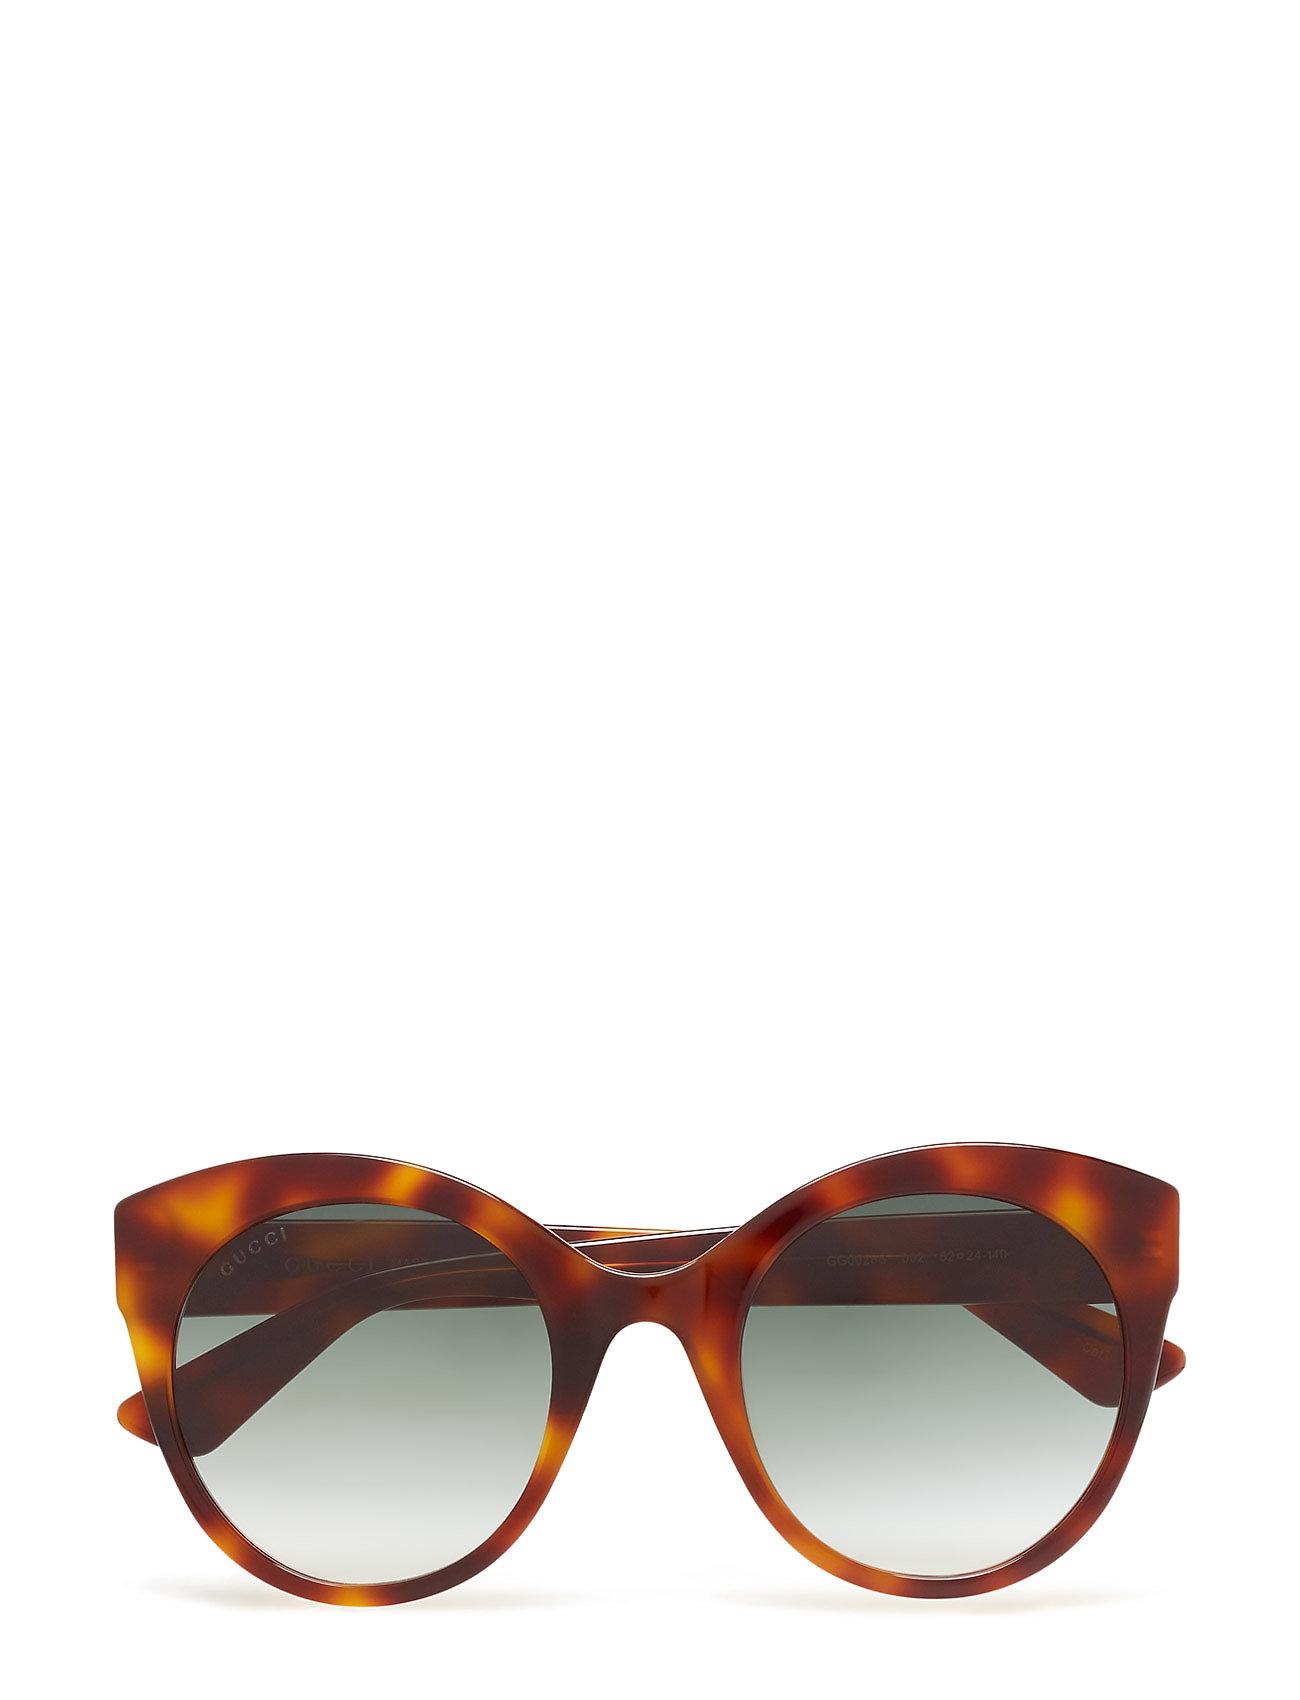 Gg0028s Gucci Sunglasses Solglasögon